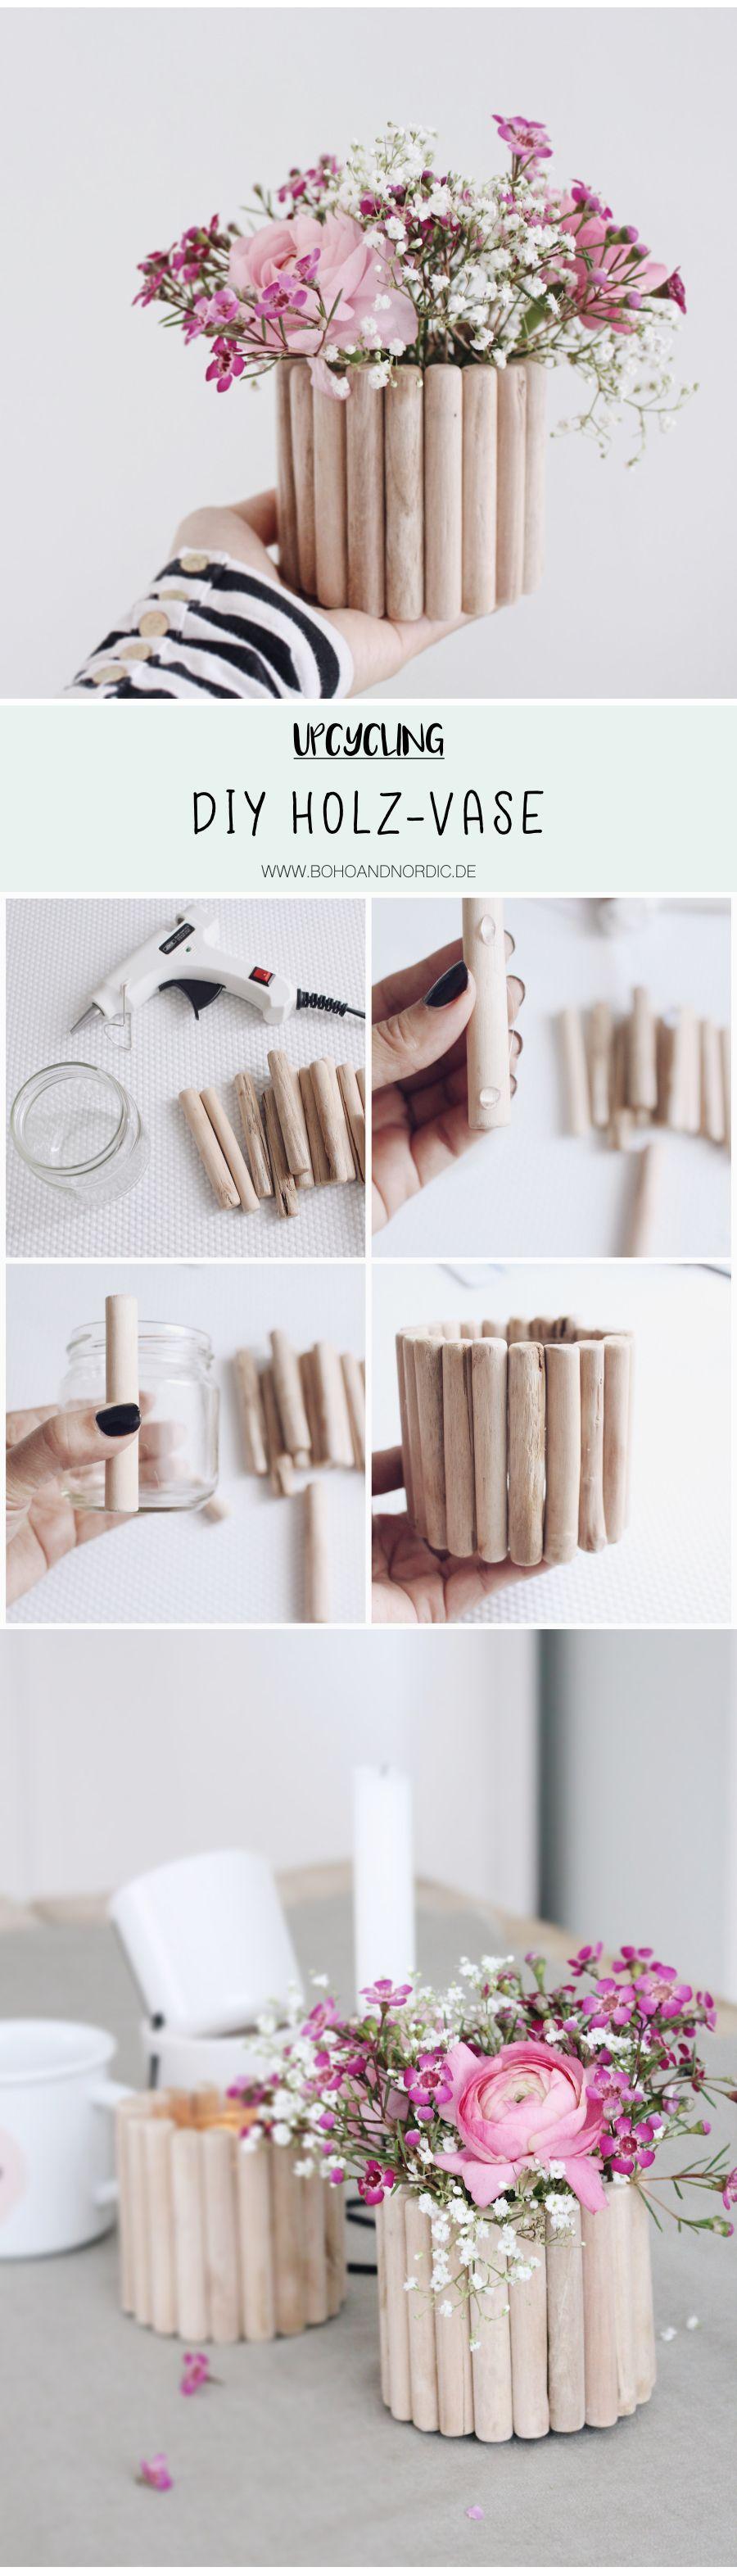 upcycling diy vase aus holz selber machen sch ne. Black Bedroom Furniture Sets. Home Design Ideas